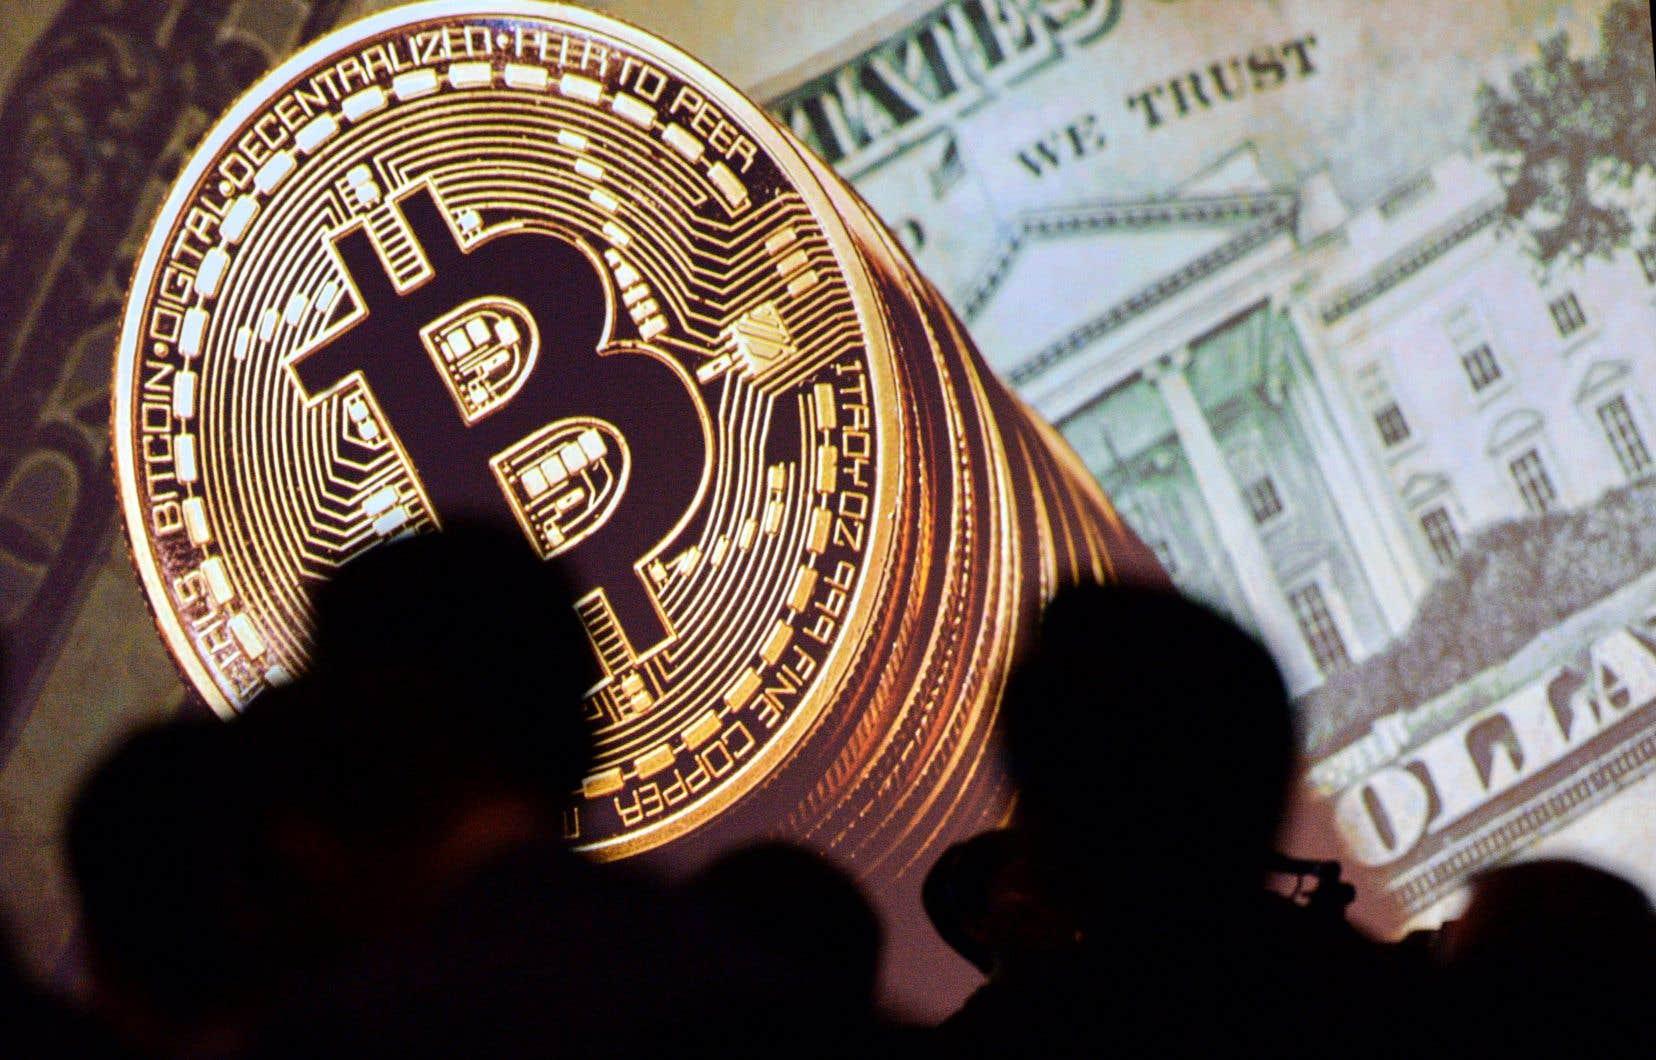 Après avoir atteint 11150$US, le cours du bitcoin a ensuite chuté brutalement à 9643$US, soit une baisse de plus de 15% en quelques heures.